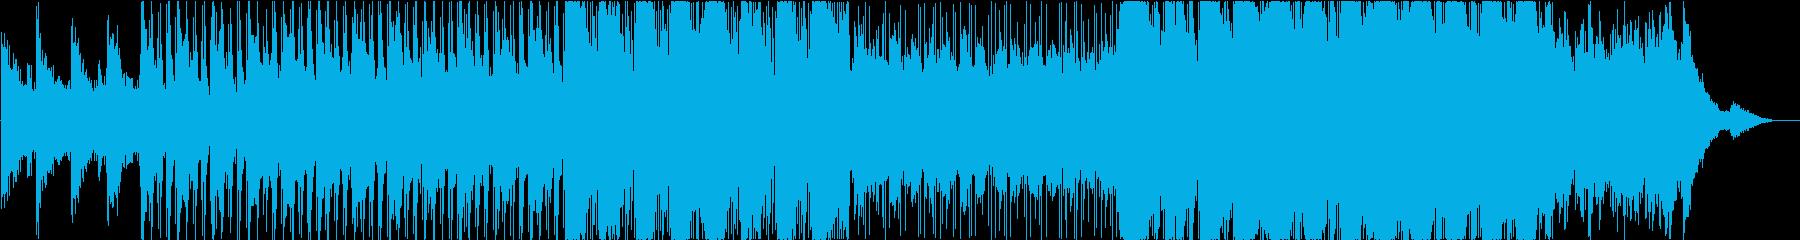 チルアウト、ラウンジ、リラックスの再生済みの波形